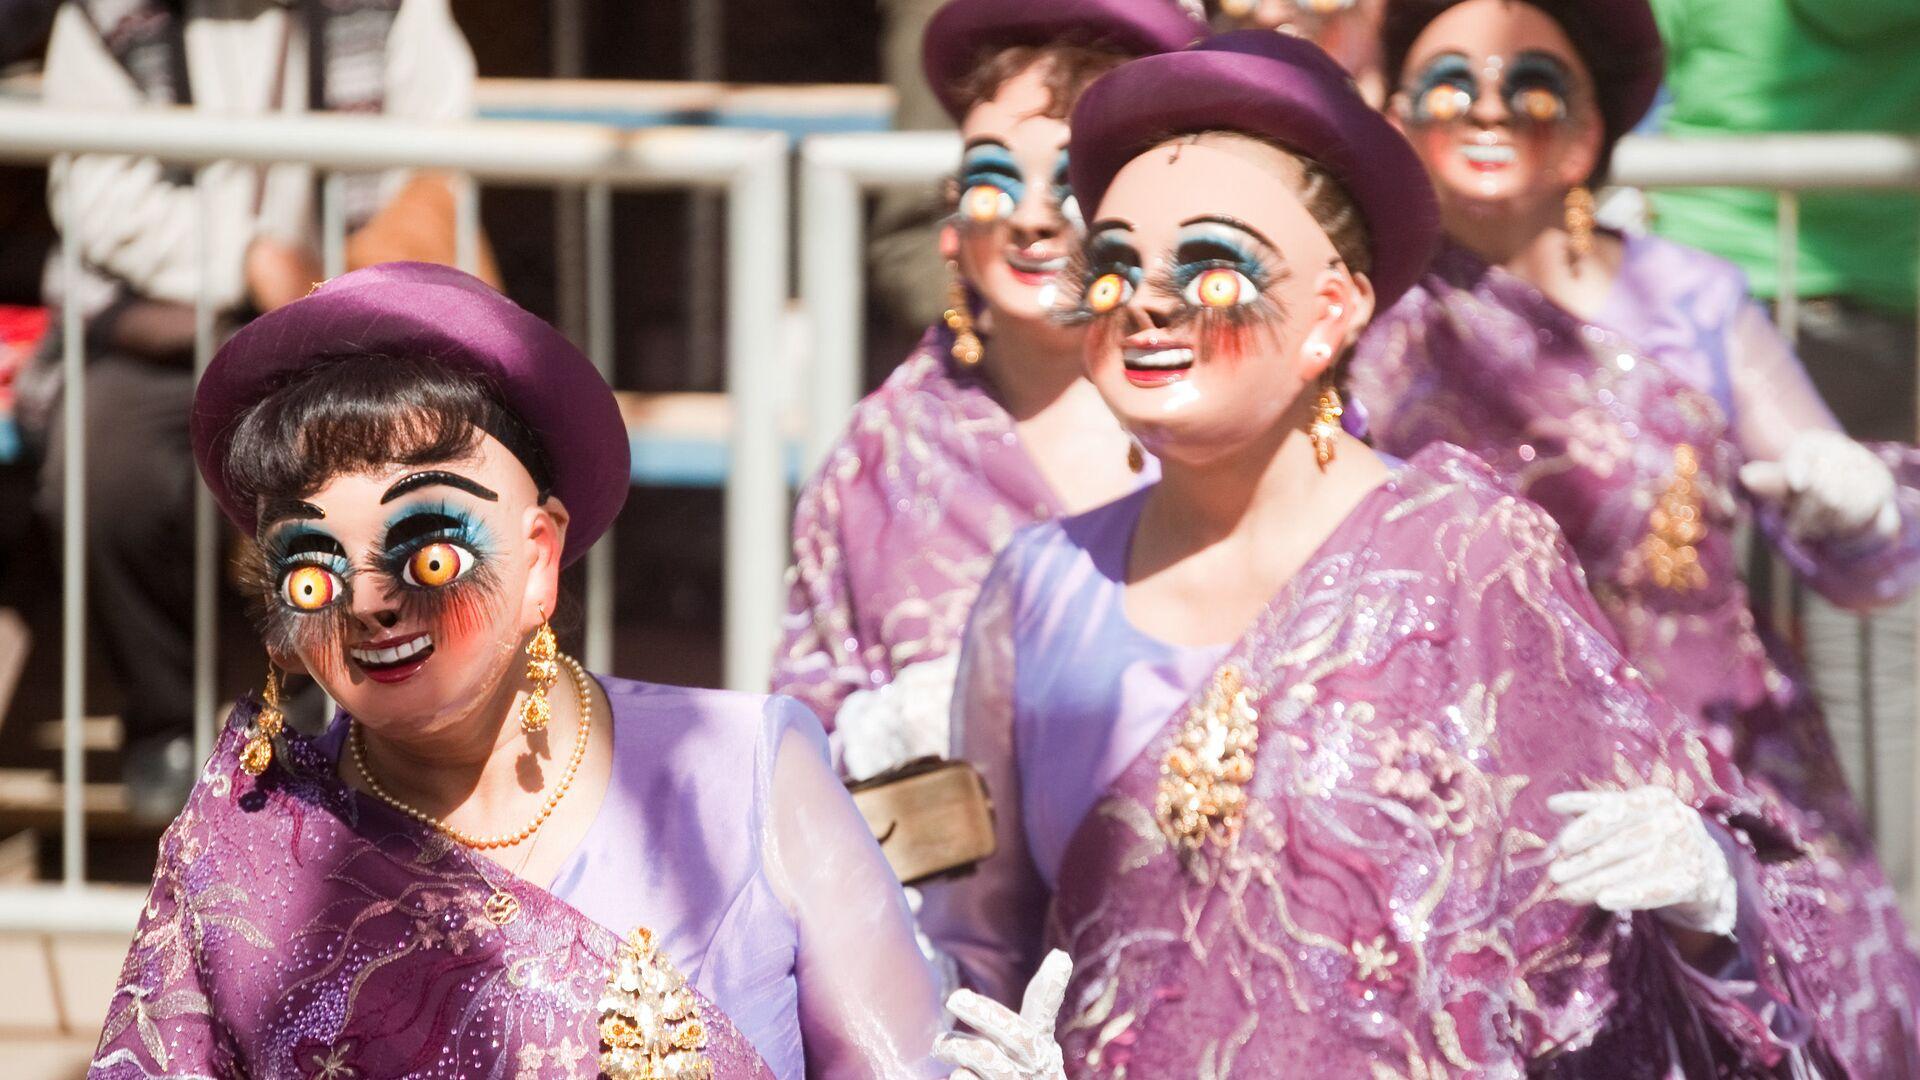 Carnaval de Oruro, Bolivia - Sputnik Mundo, 1920, 17.02.2021